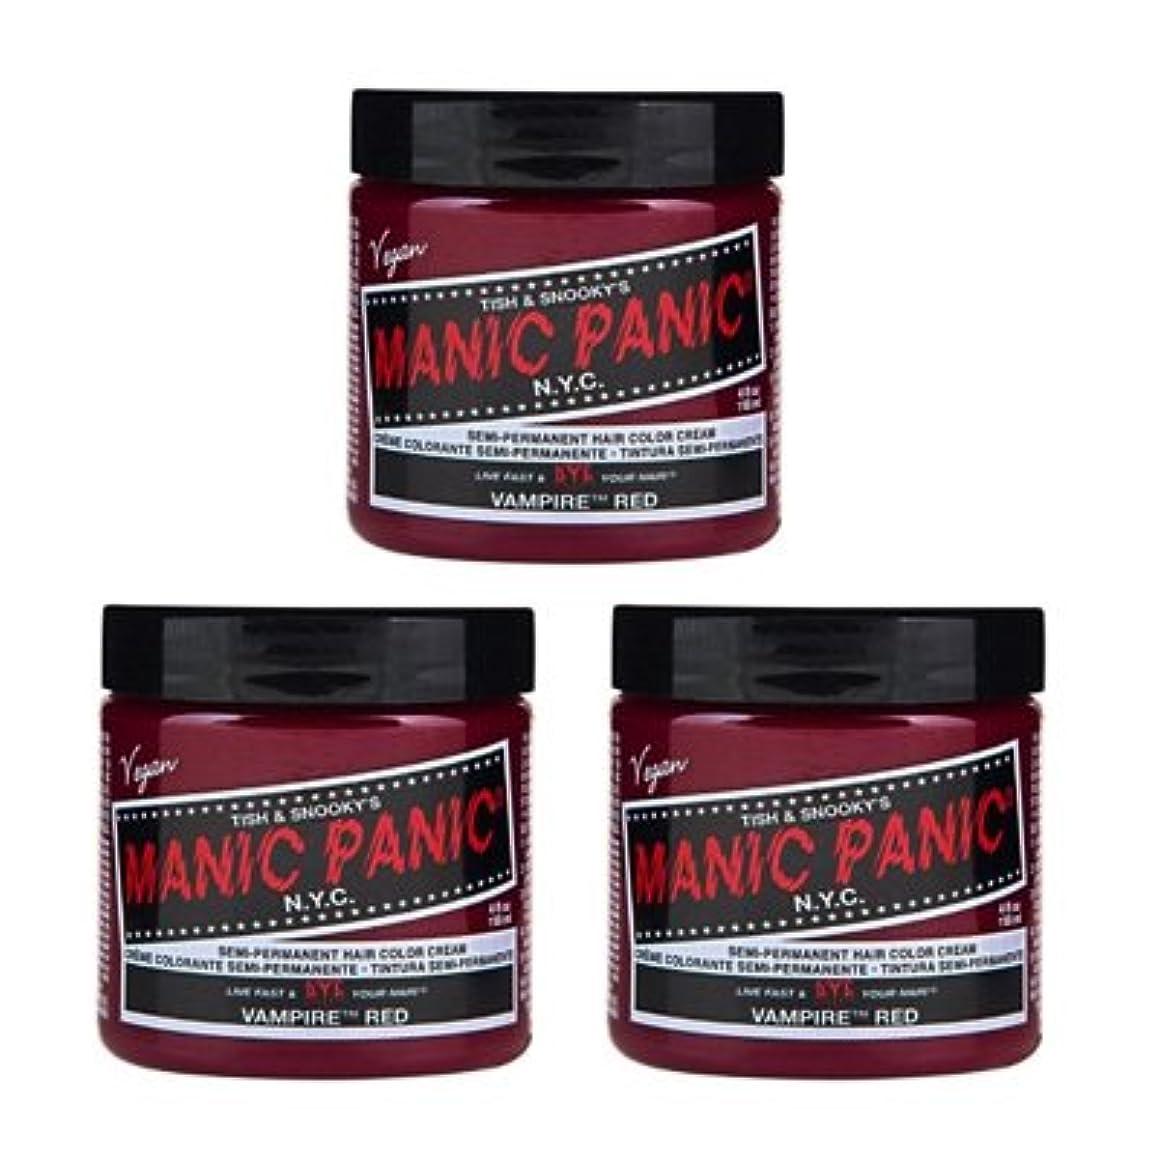 ミネラル少し硫黄【3個セット】MANIC PANIC マニックパニック Vampire Red (ヴァンパイア?レッド) 118ml